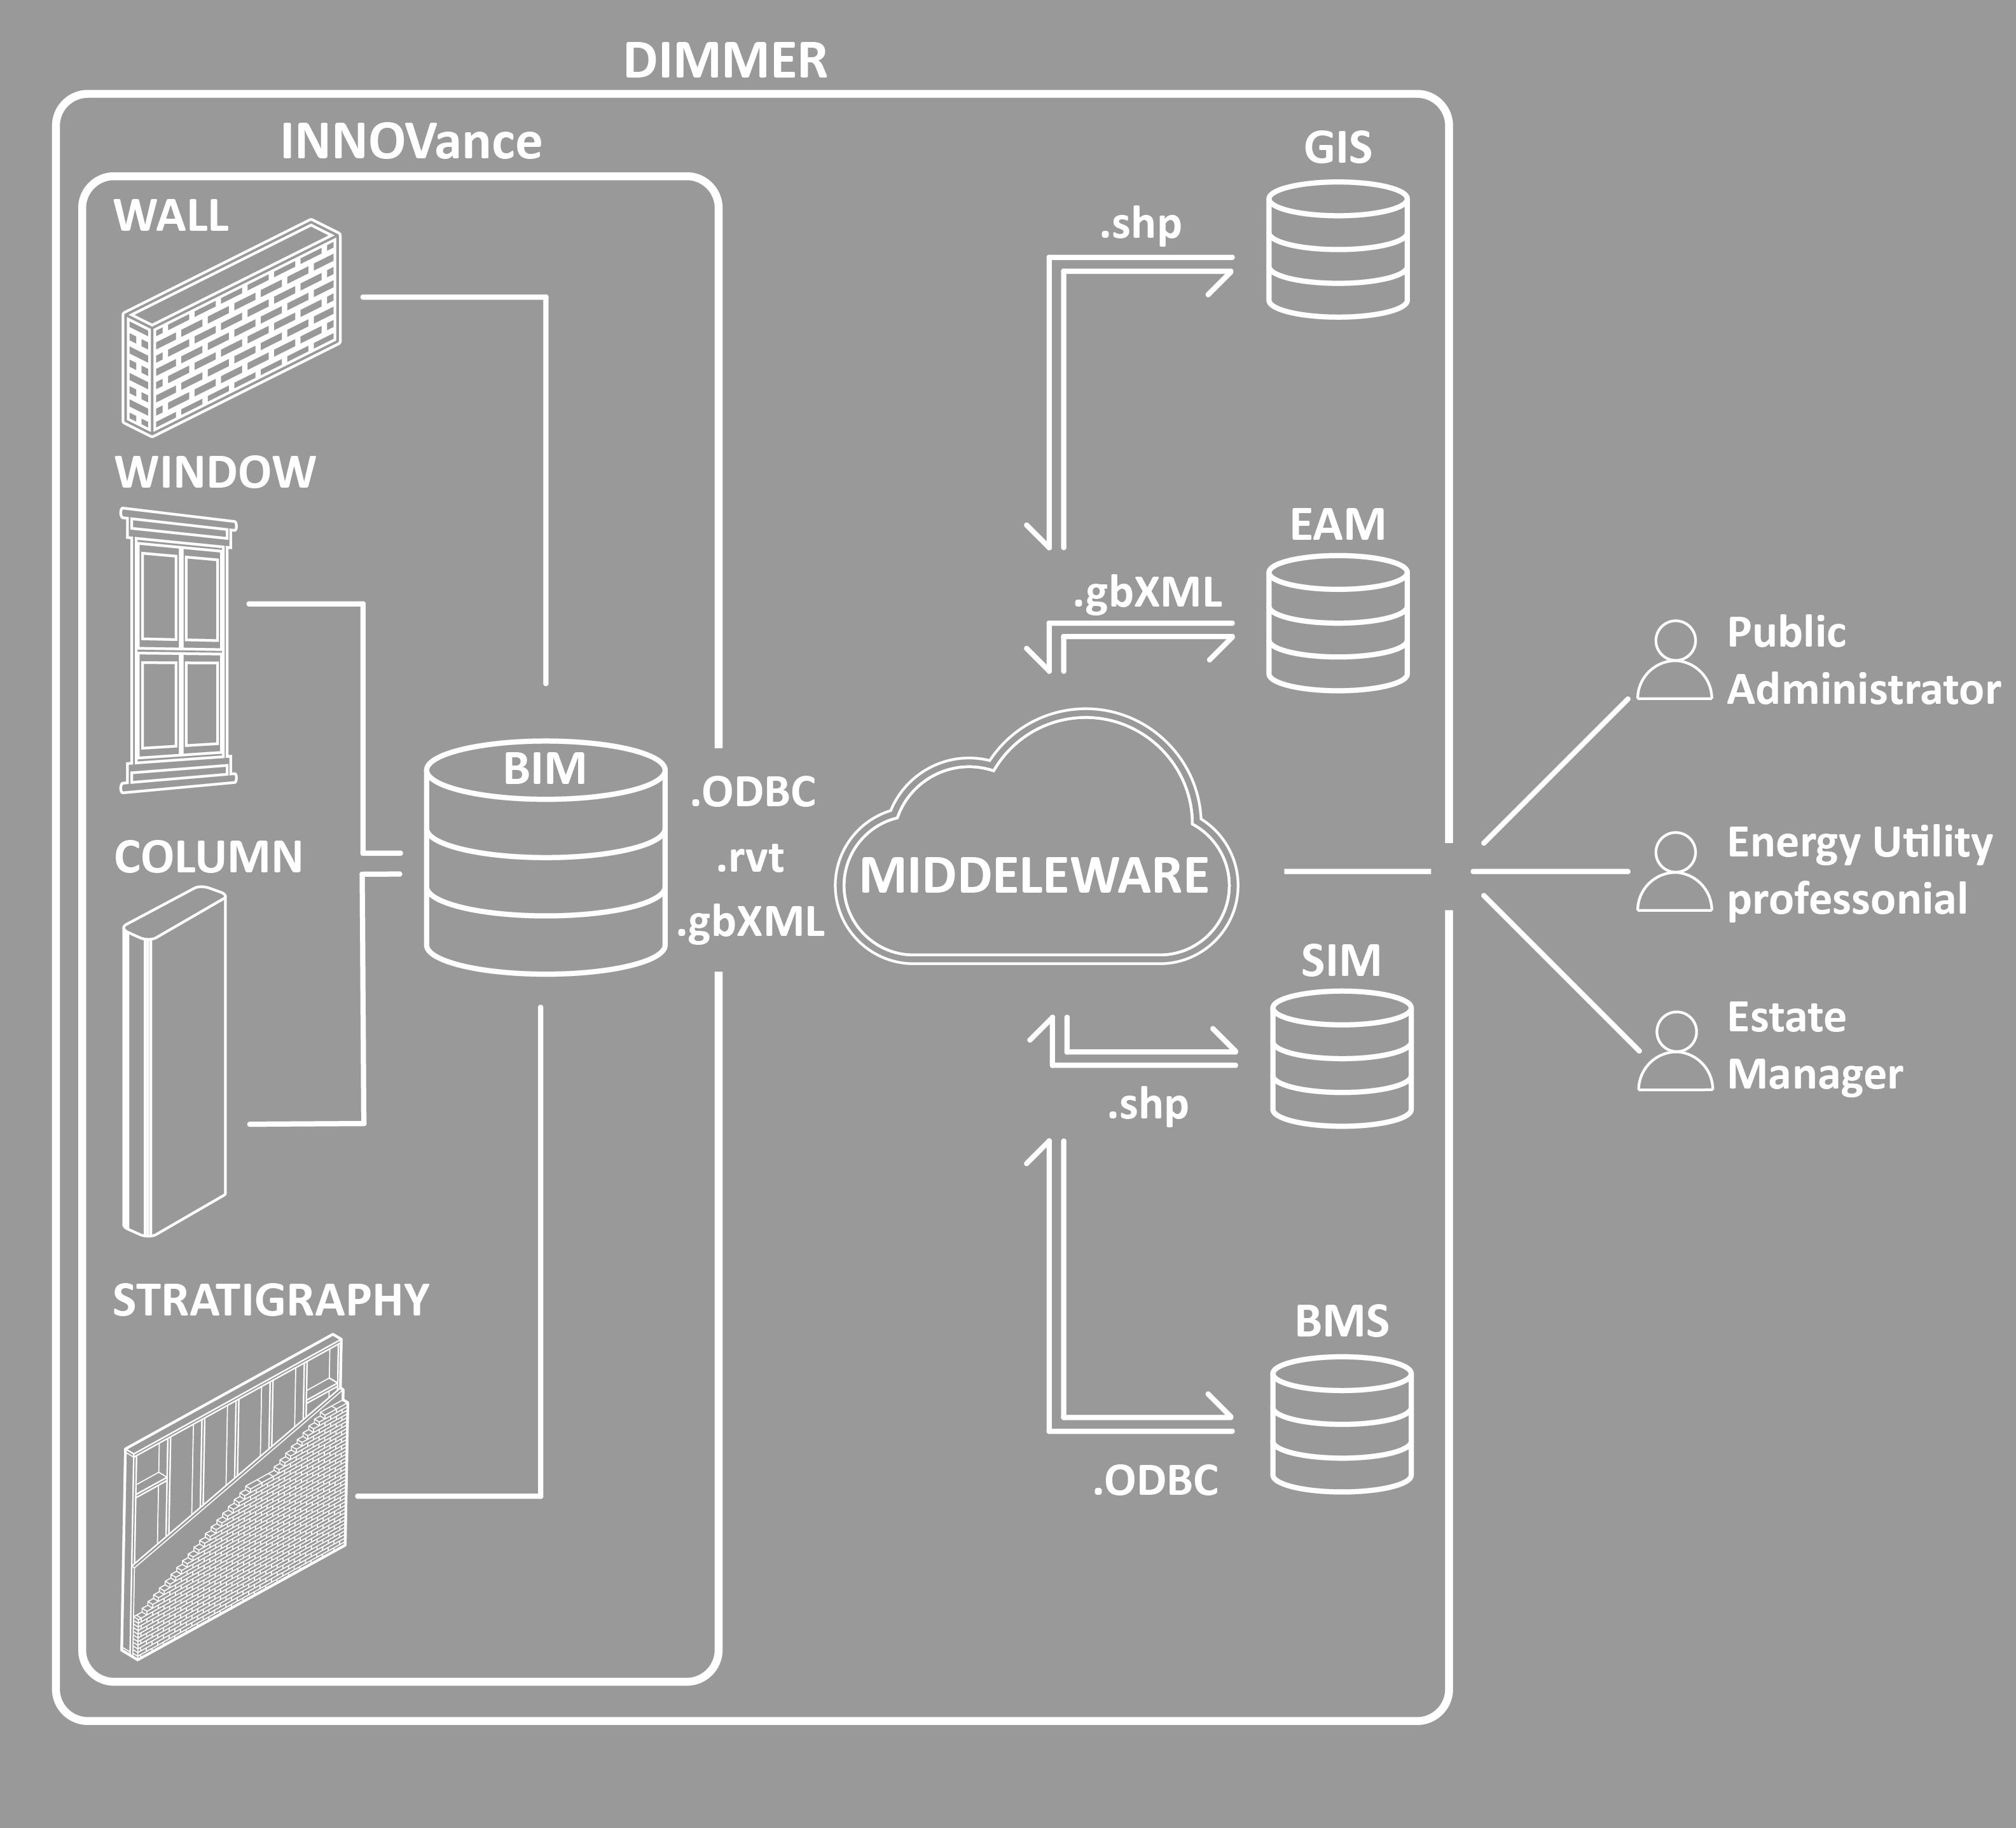 il bim per la gestione dei dati alla scala edilizia e